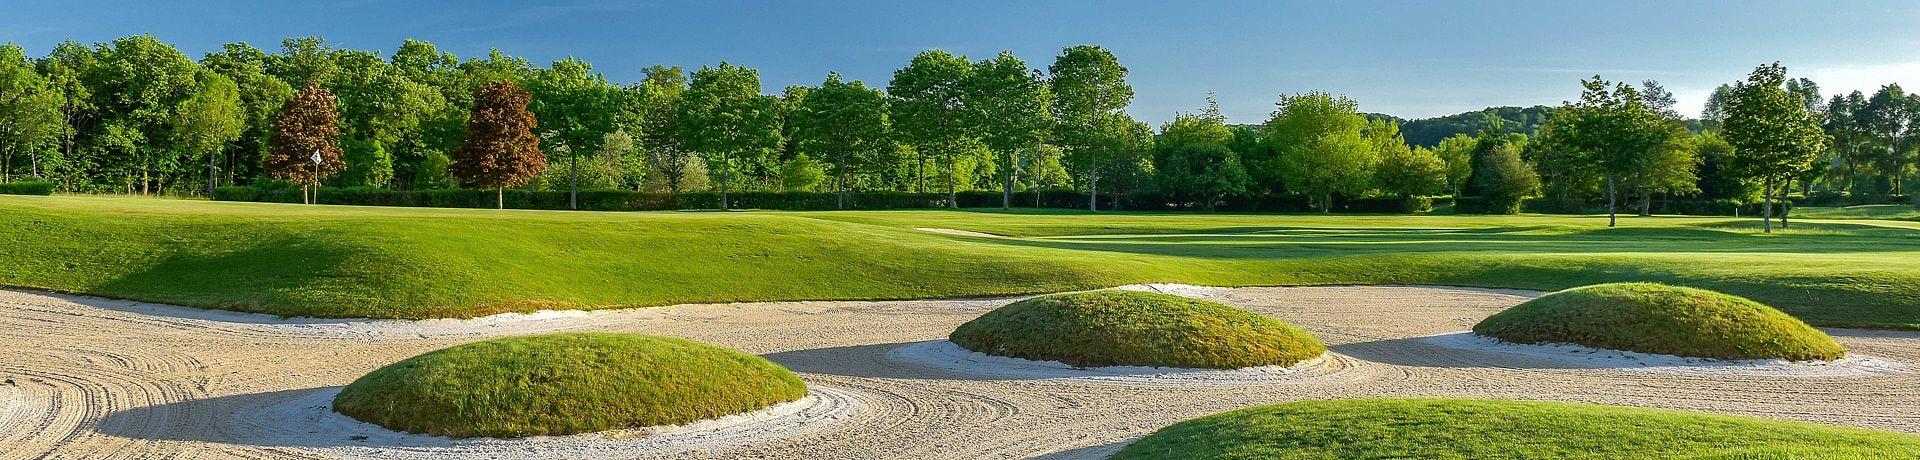 Golfclub du Chateau de Chailly im Burgund, Frankreich